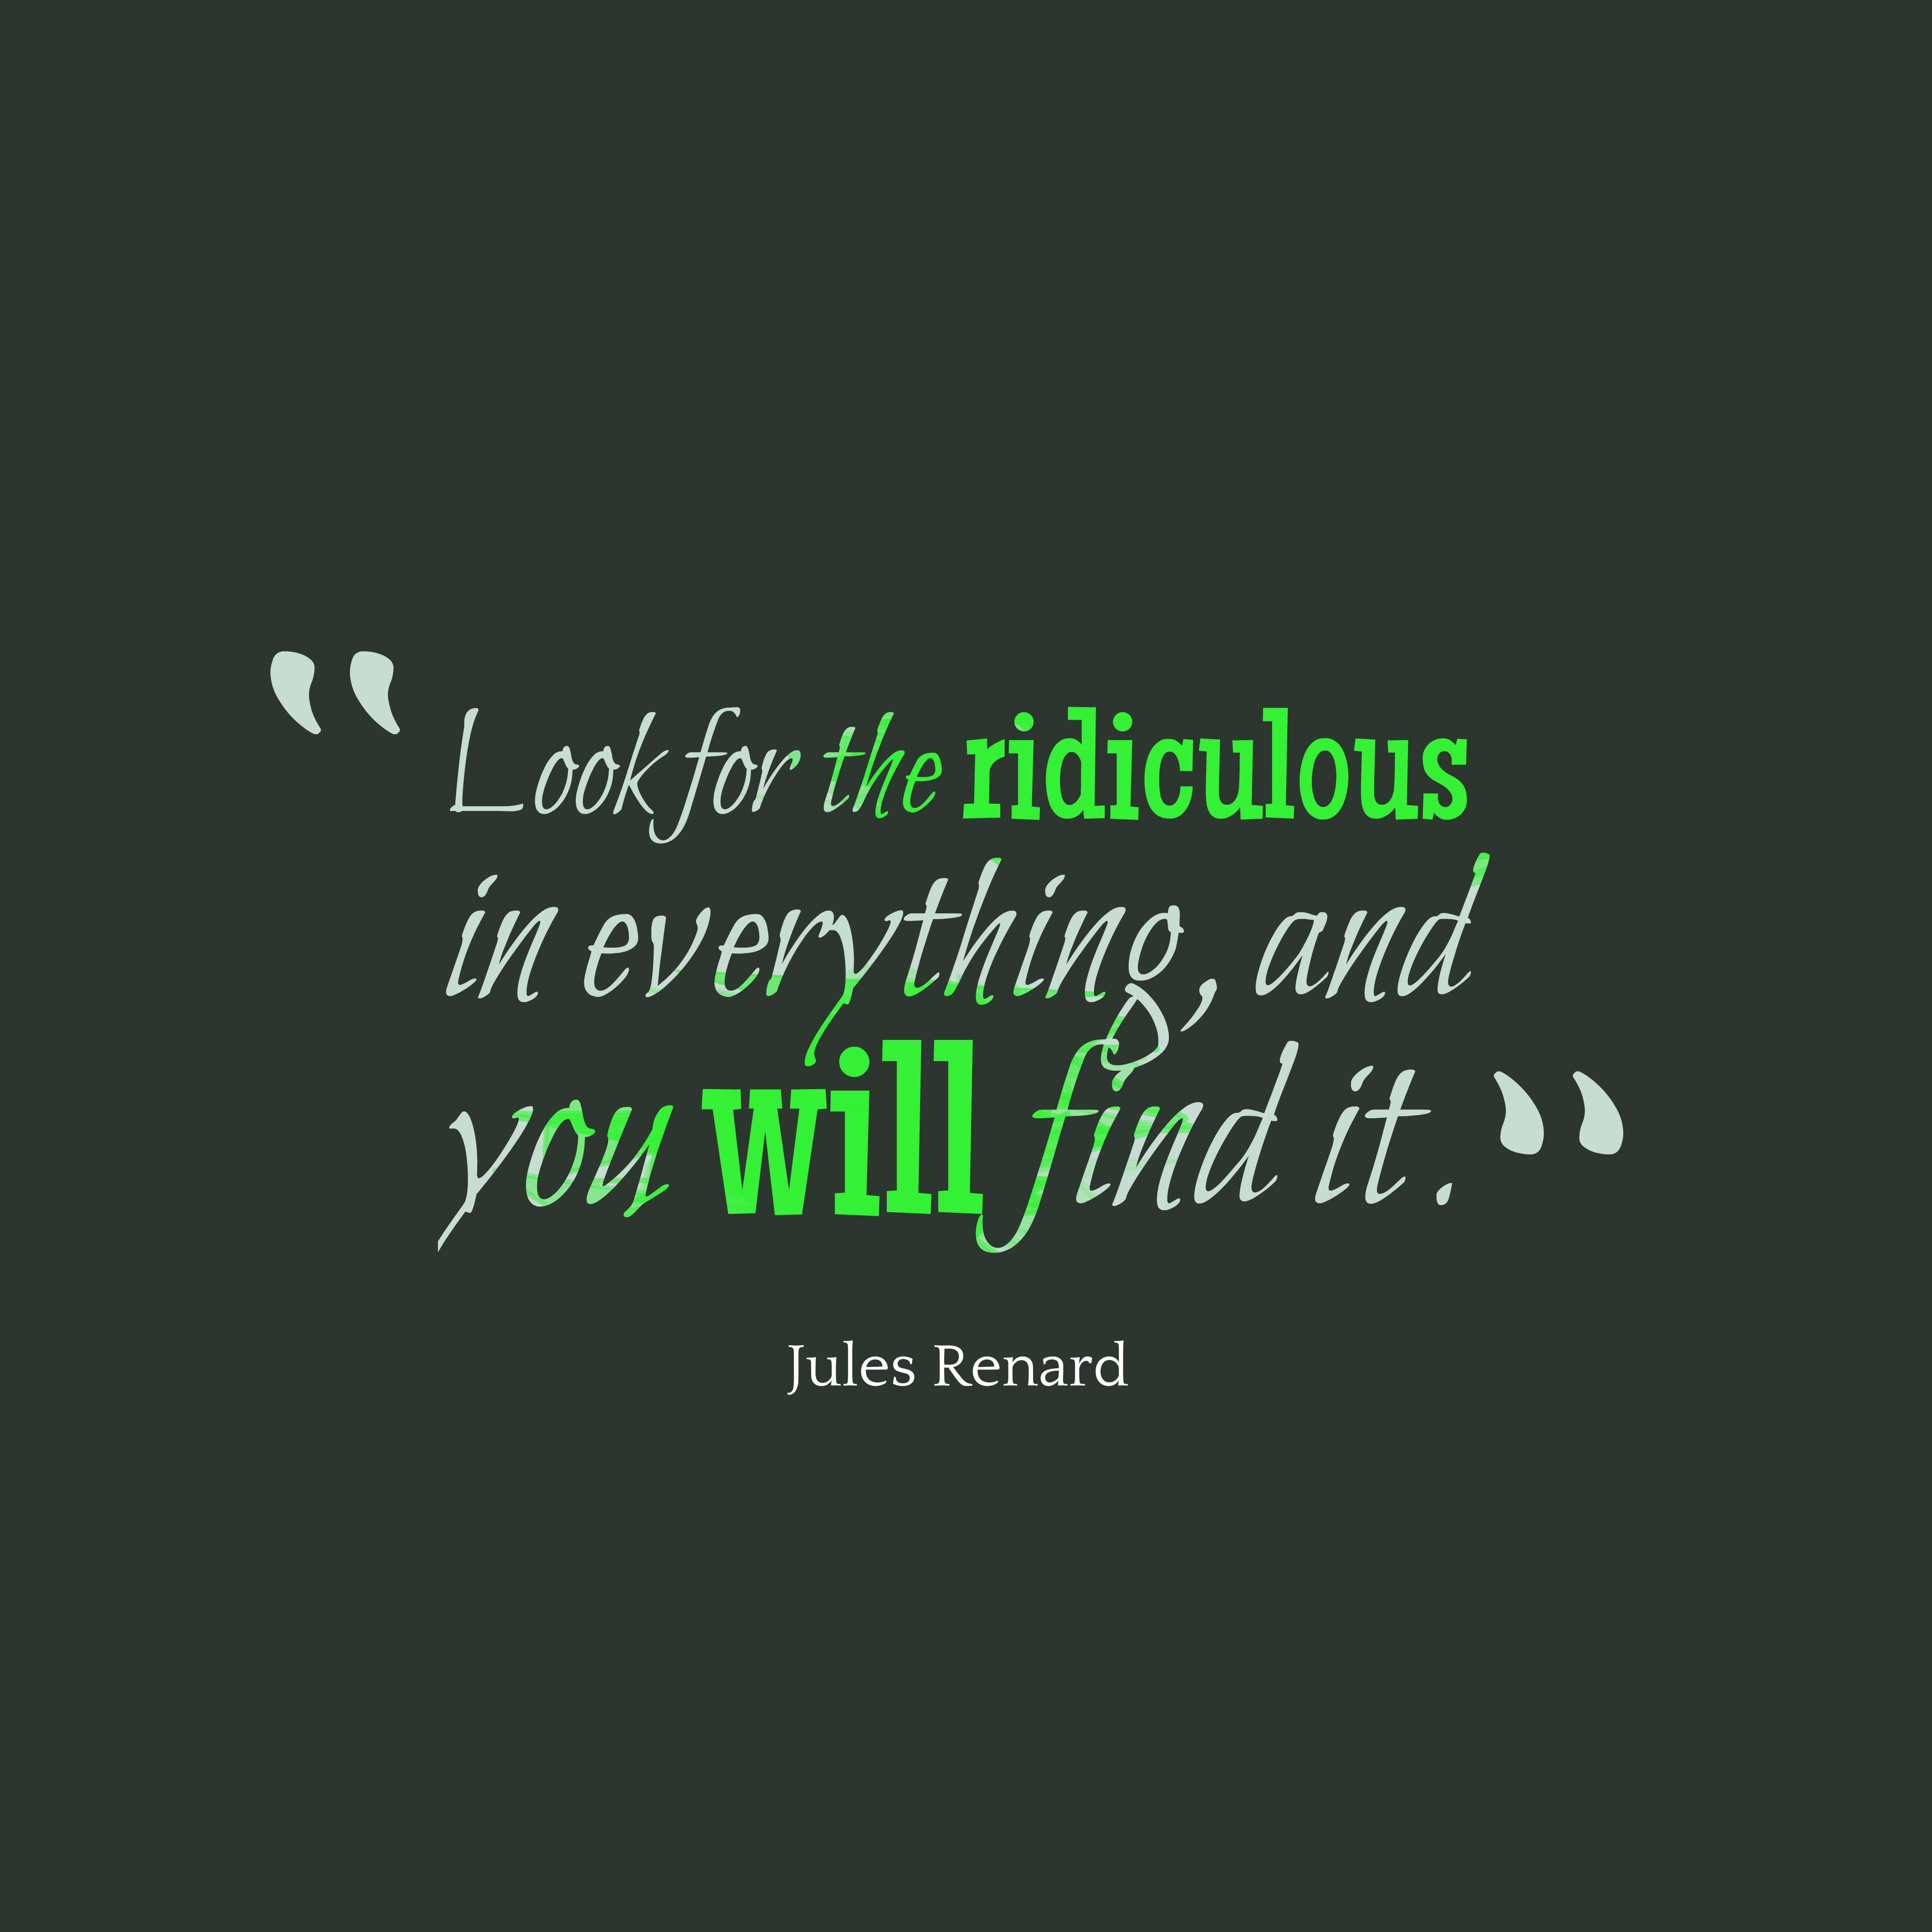 jules renard citater Jules Renard quote about absurdity. jules renard citater